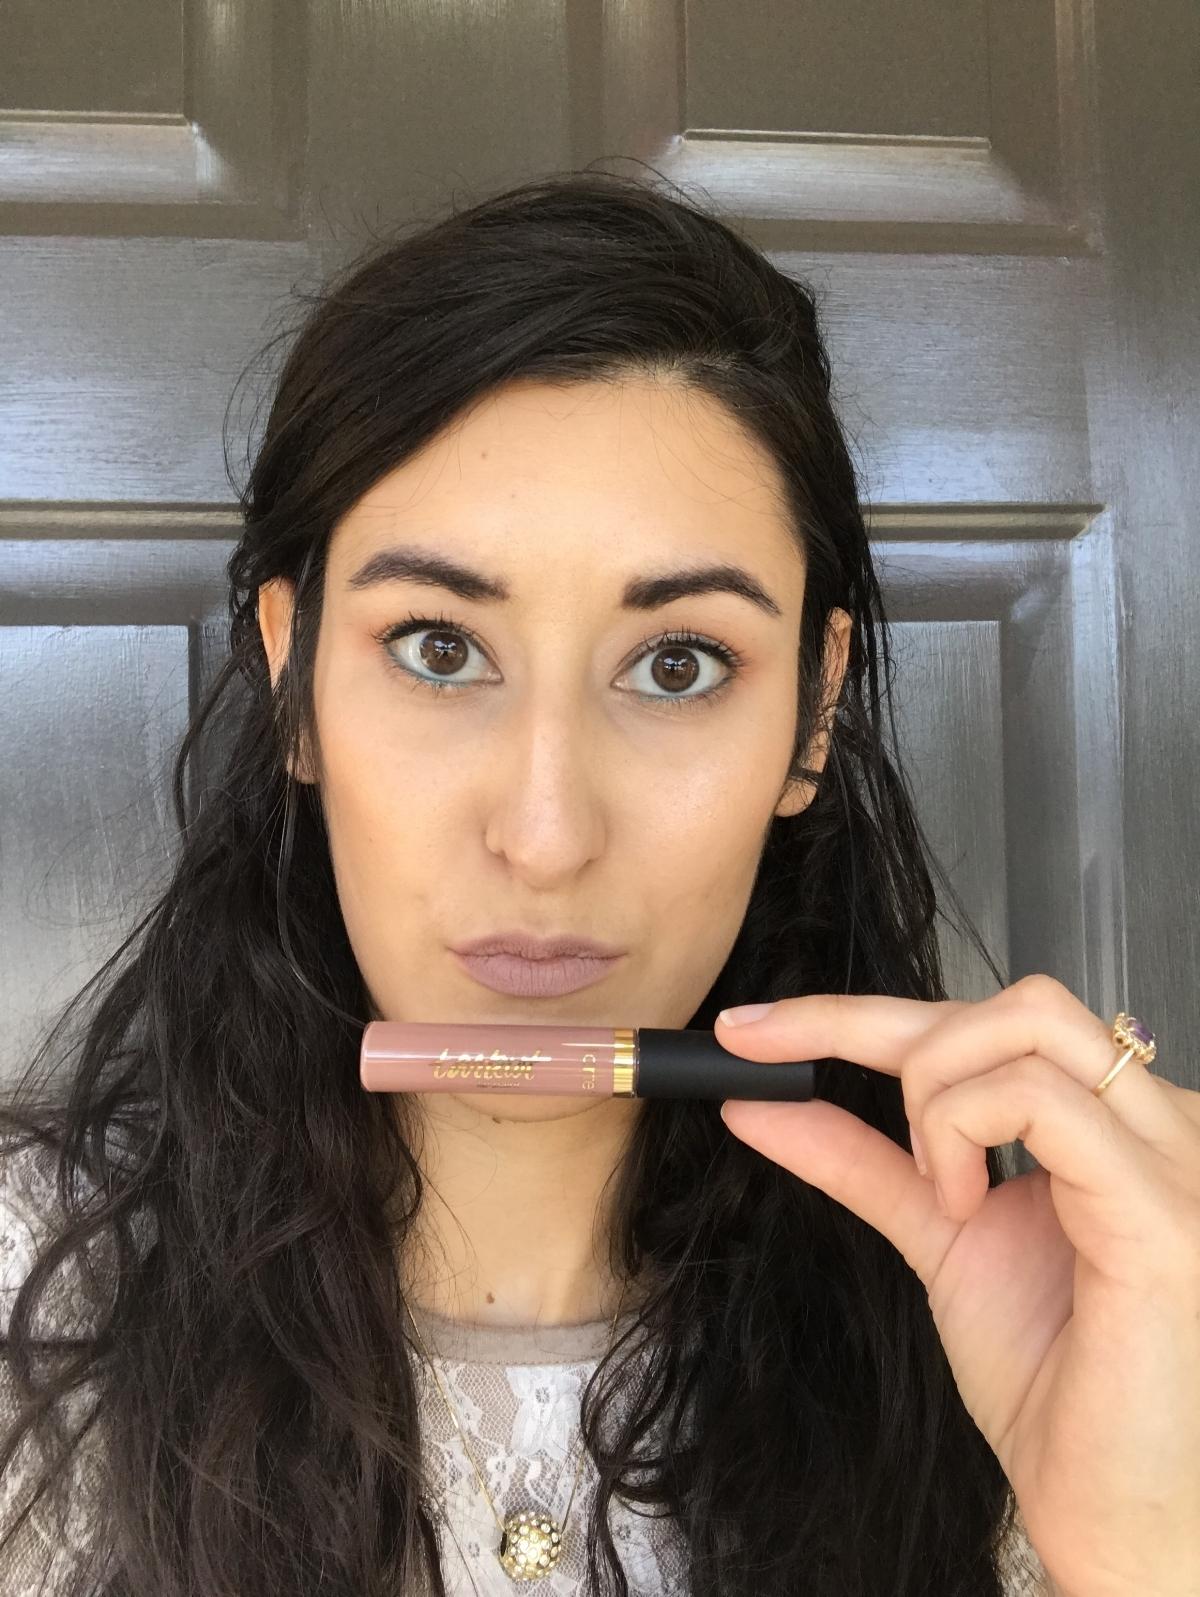 Tarteist Quick Dry Matte Lip Paint in OG